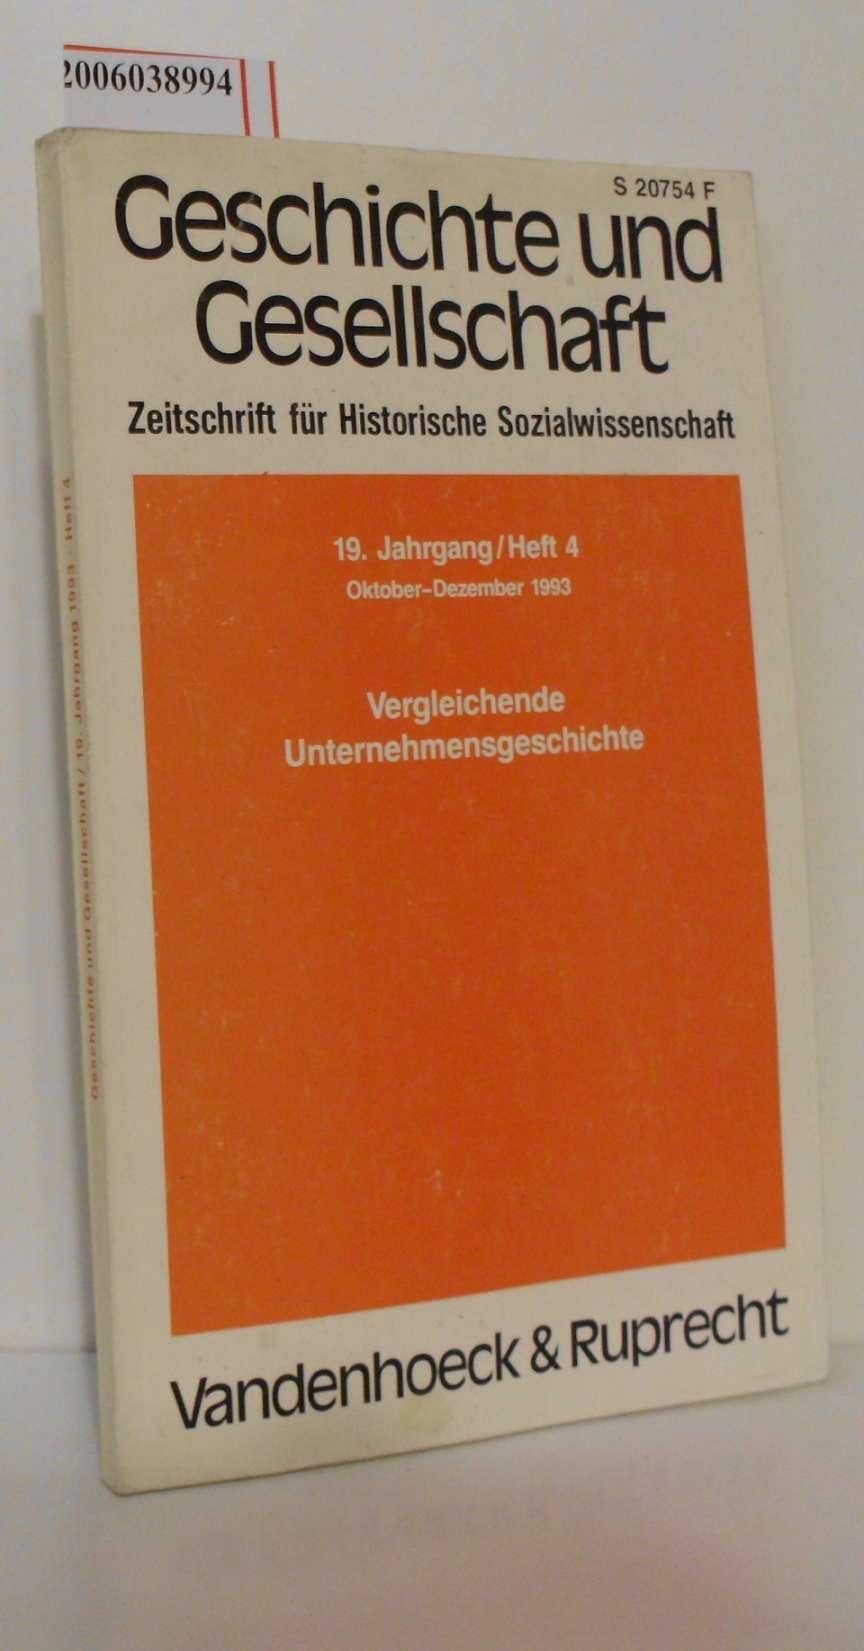 Richard Tilly (Hg.): Geschichte und Gesellschaft - 19. Jahrgang / Heft 4 / Oktober-Dezember 1993 Zeitschrift für Historische Sozialwissenschaft